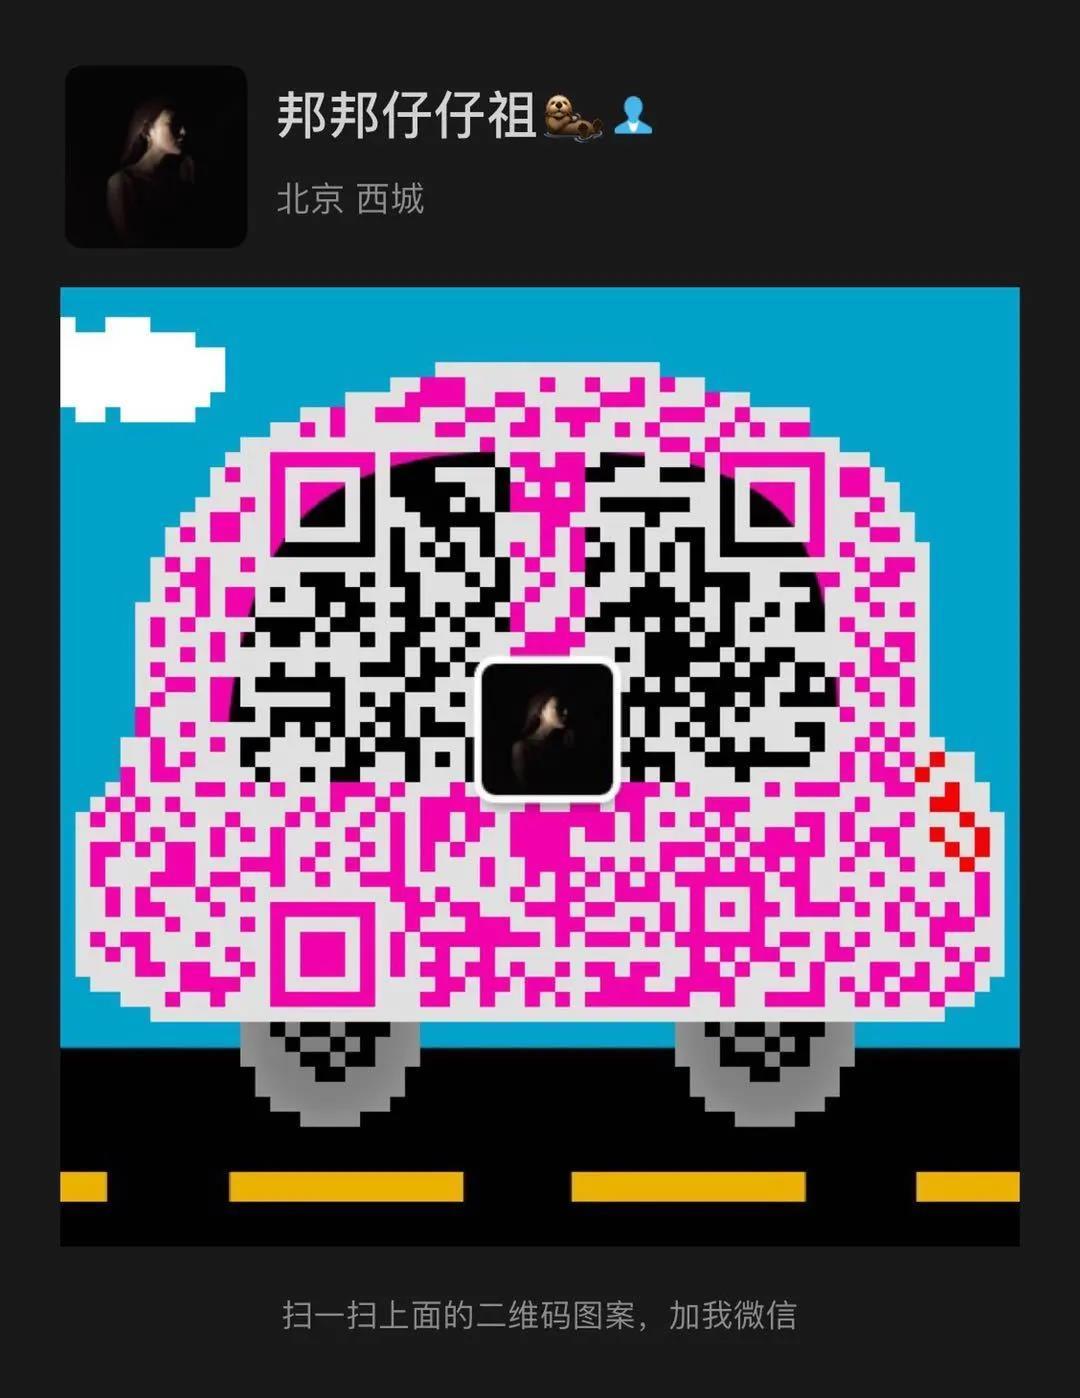 中文专家微信2